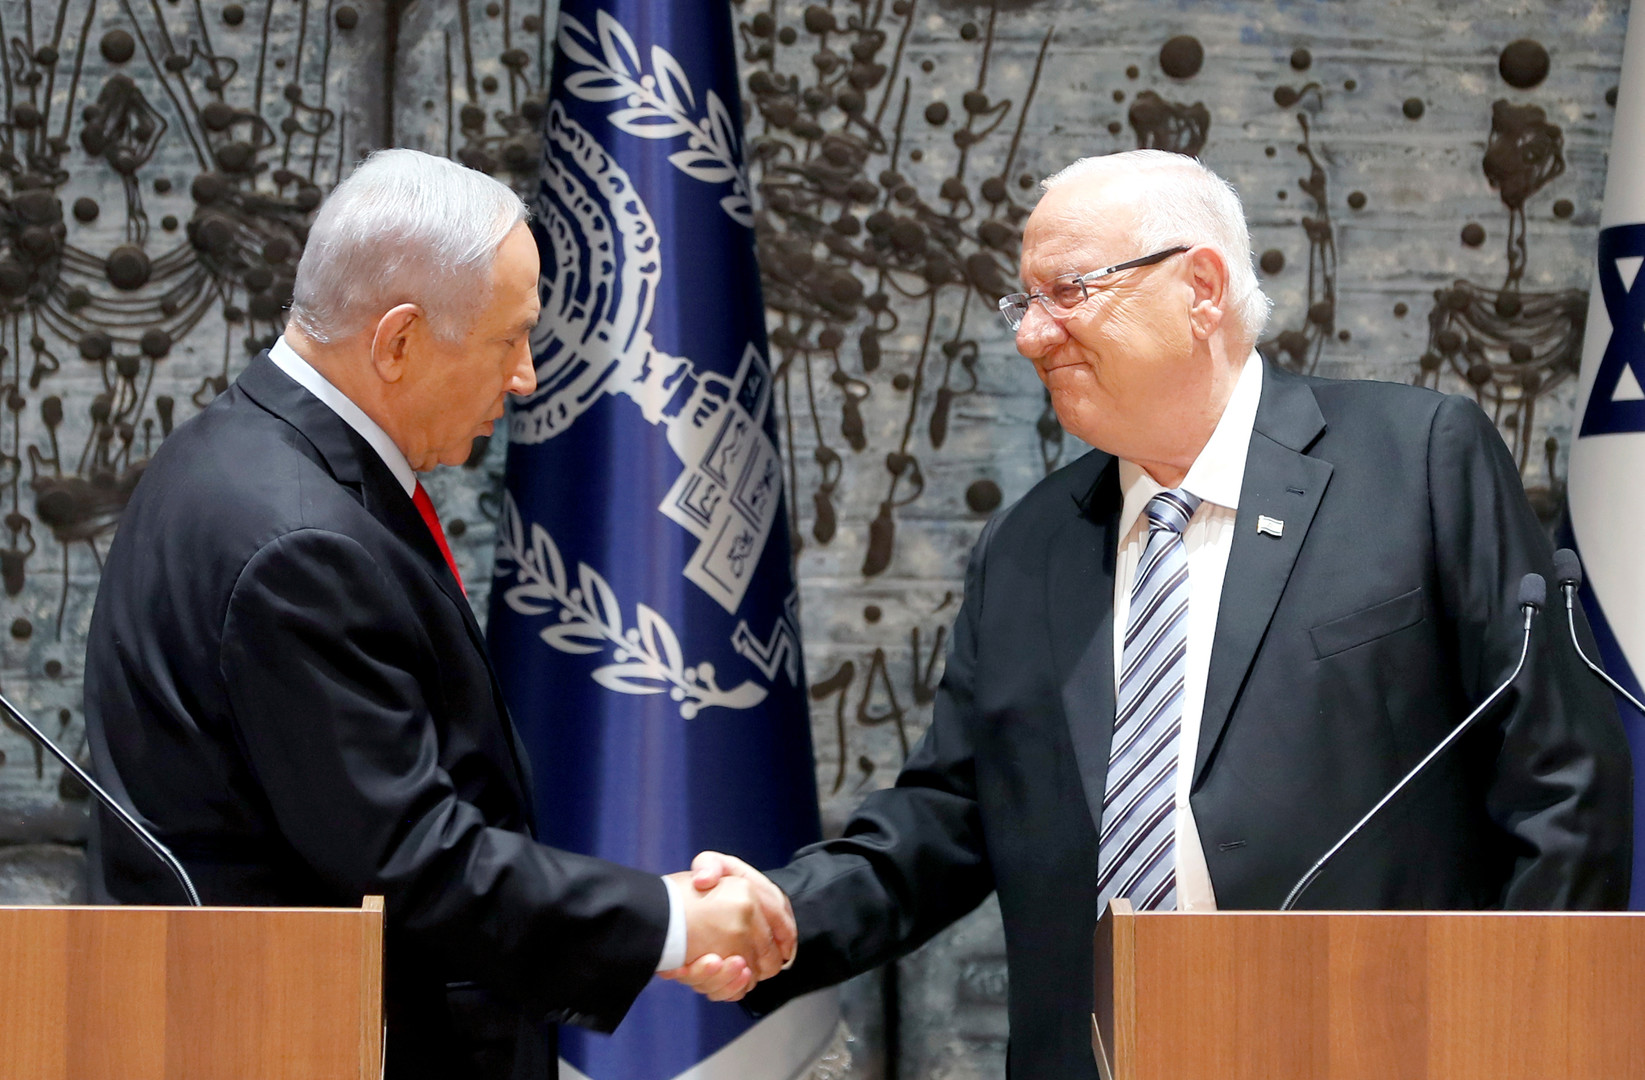 الرئيس الإسرائيلي رؤوفين ريفلين يكلف رئيس الوزراء بنيامين نتنياهو بتشكيل الحكومة الجديدة الـ35